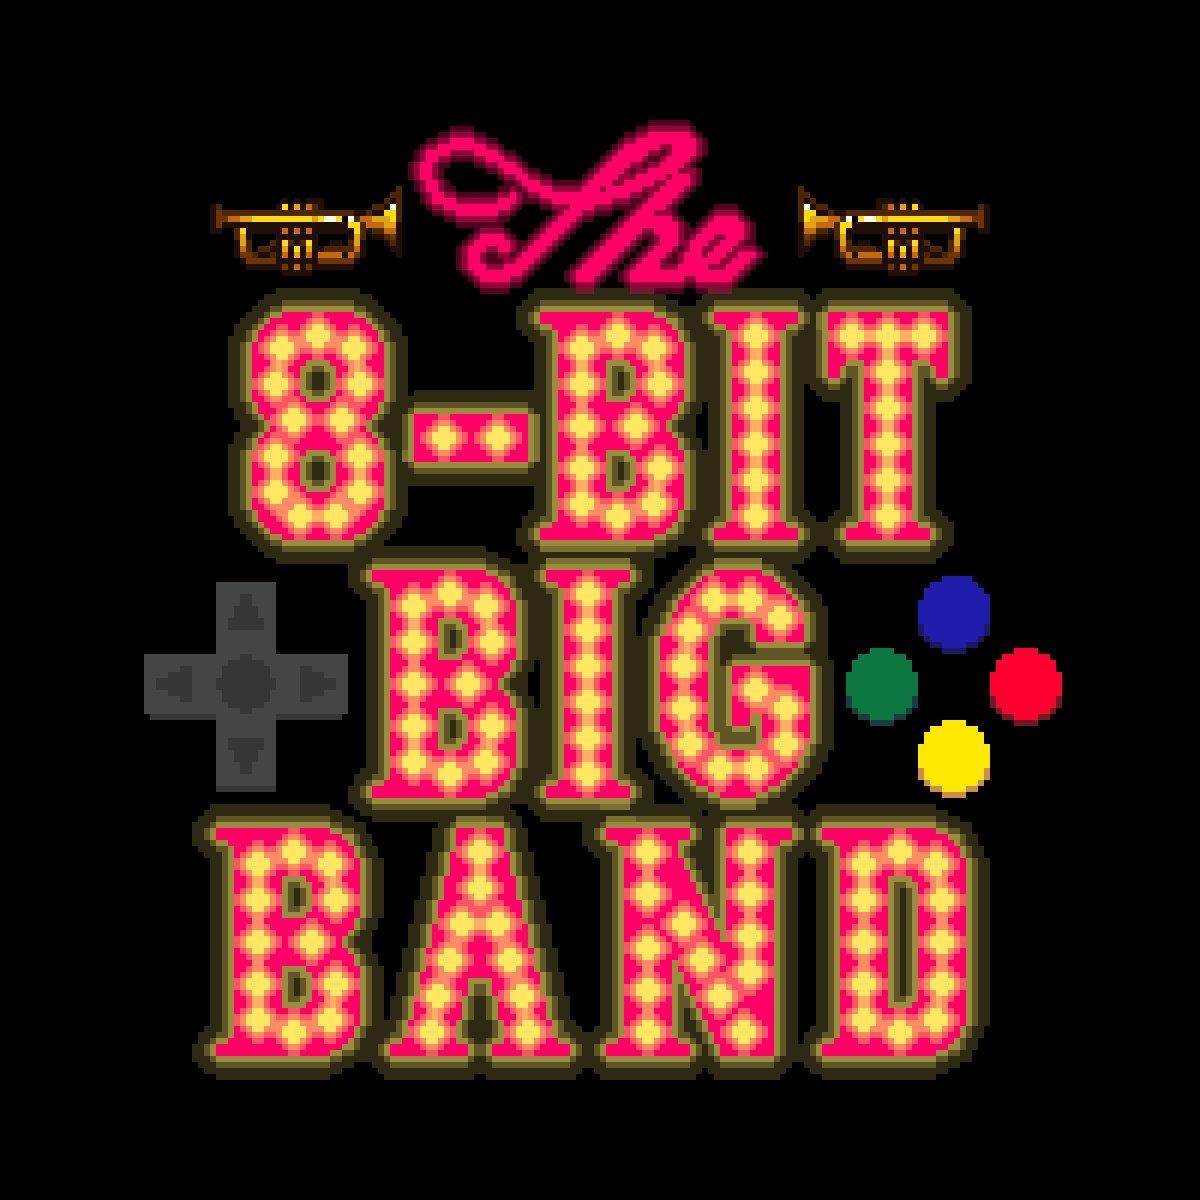 Bob-Omb Battlefield (Super Mario 64) | The 8-Bit Big Band